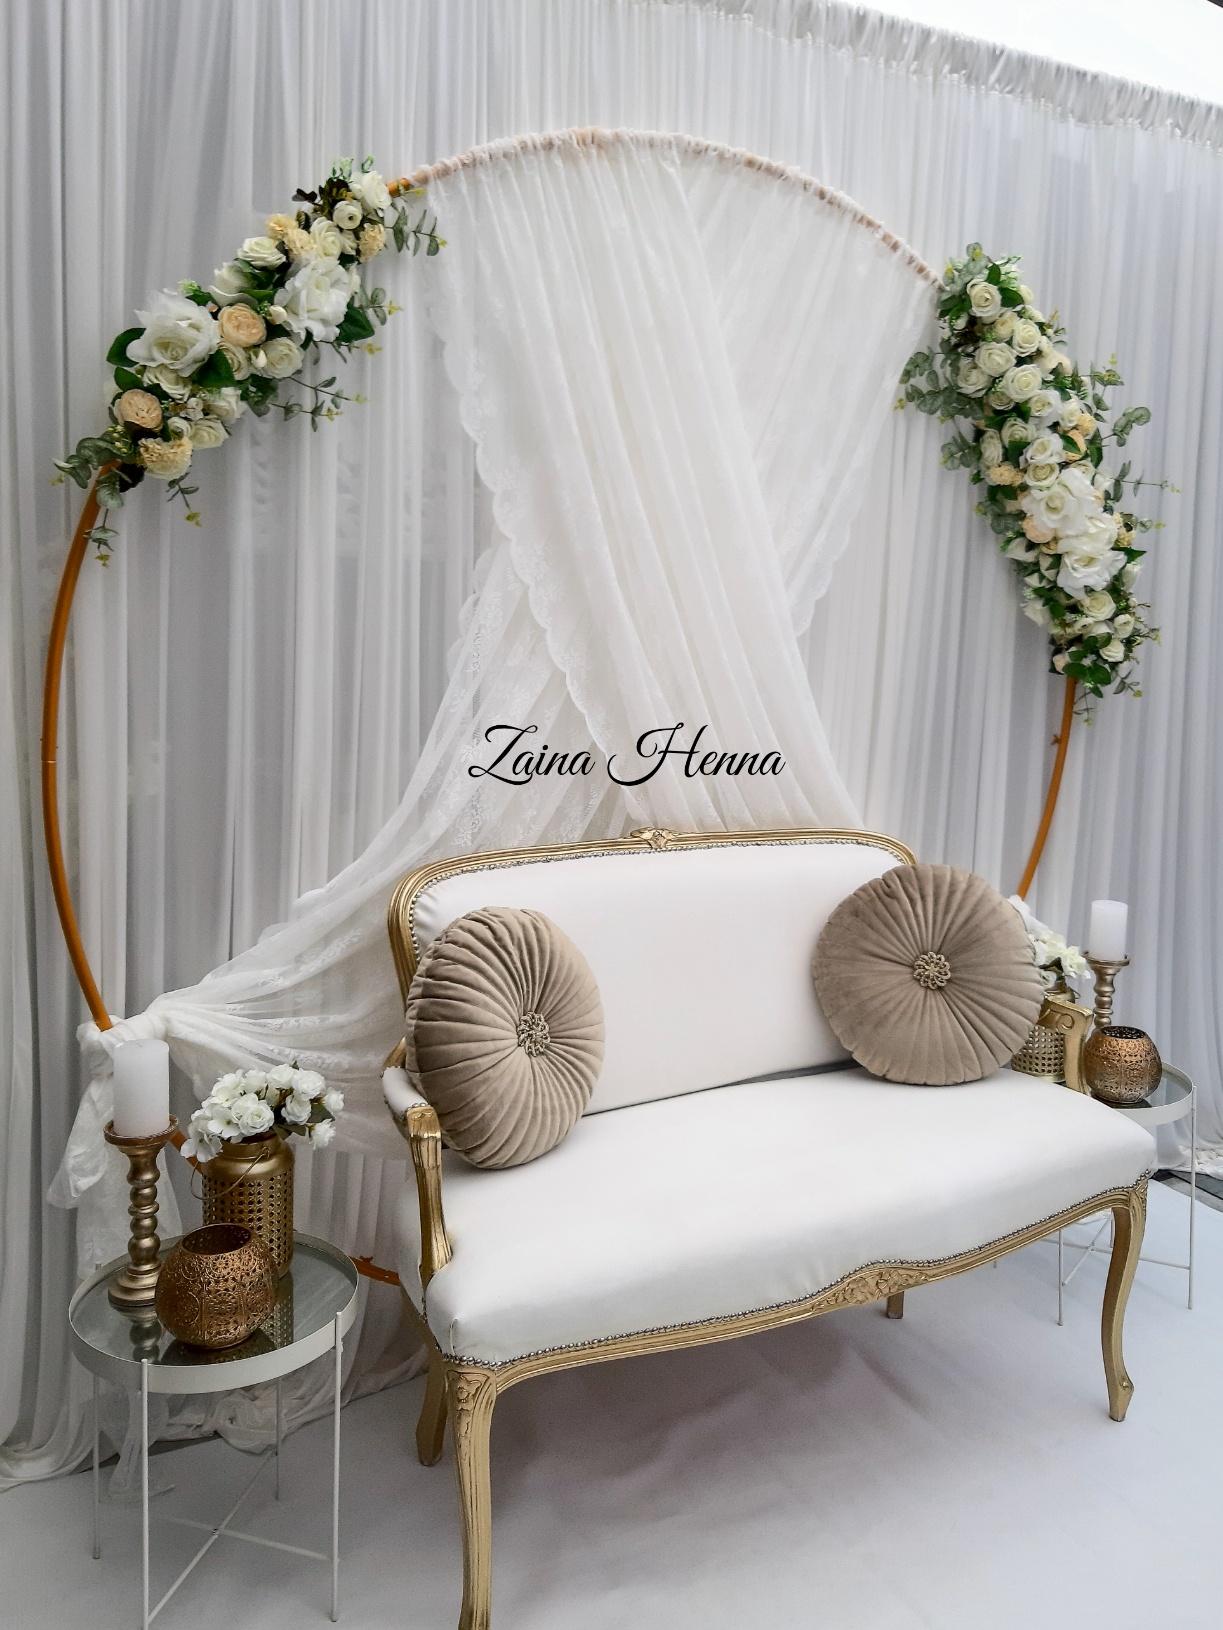 Queen Anne Bank achterwand vallende bloemen (bijzet tafels en accessoires groen/goud) €170,-